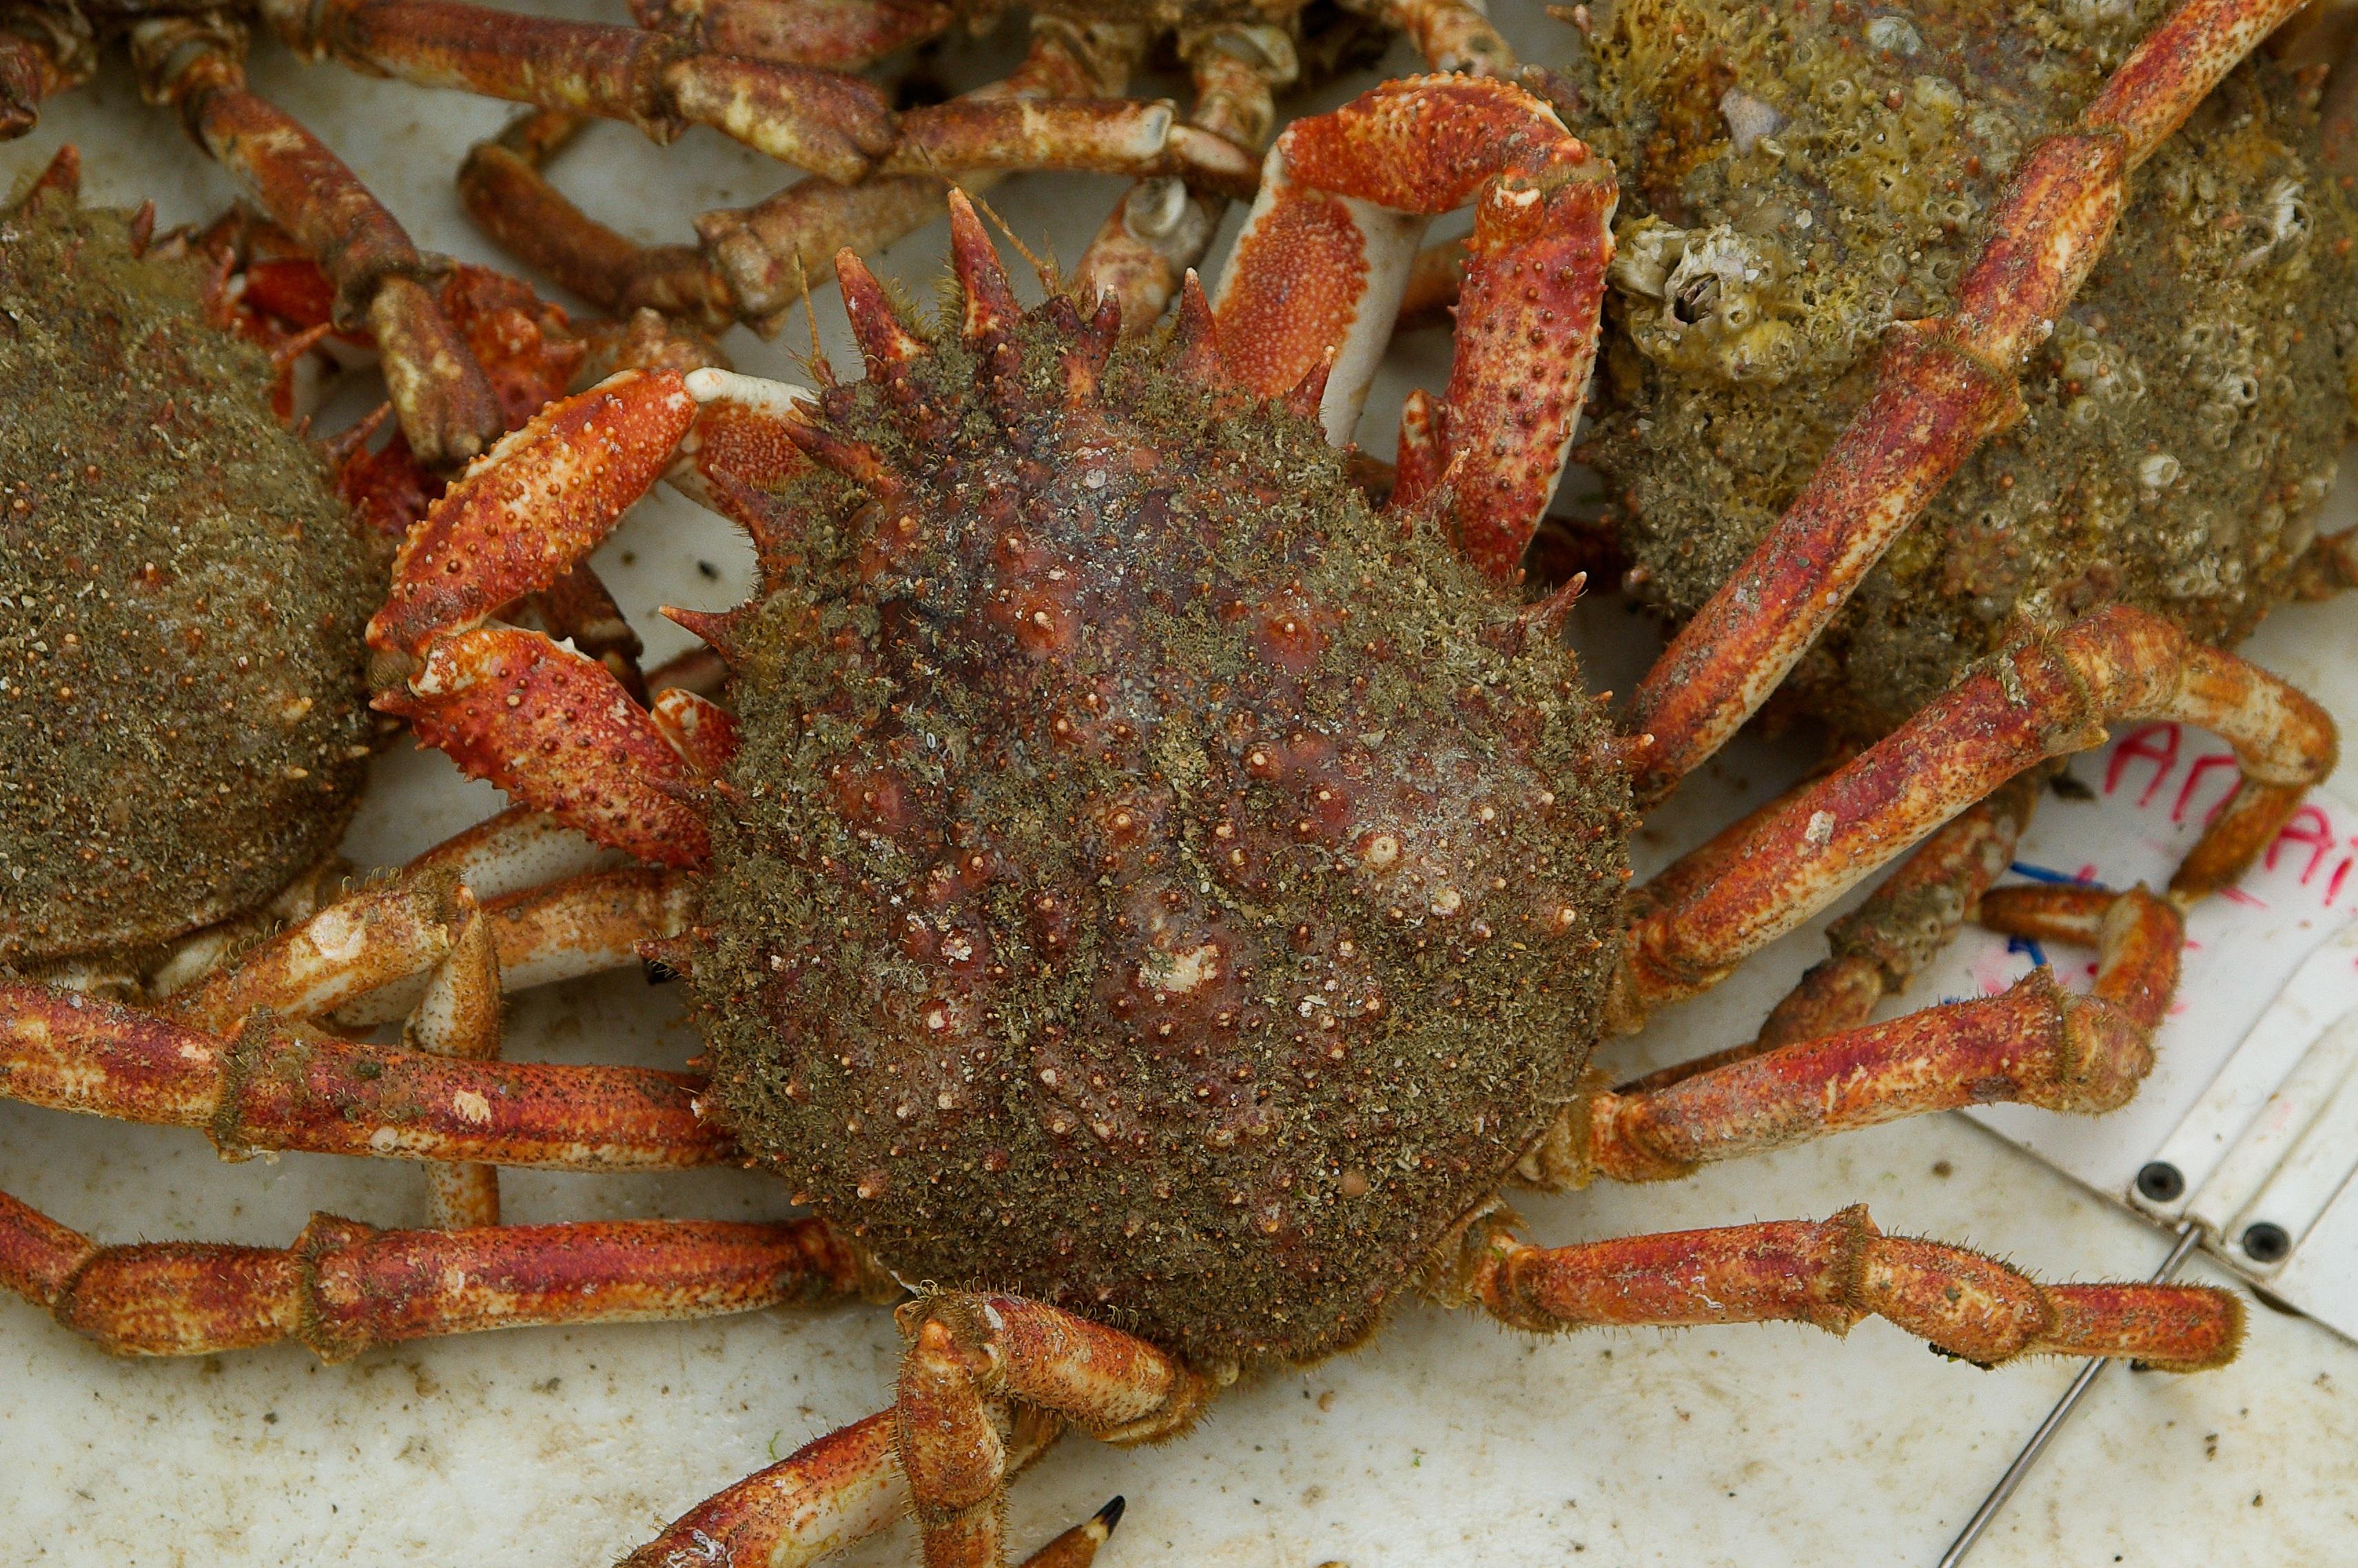 Images Gratuites : aliments, Fruit de mer, poisson, faune, invertébré, crustacé, Araign? e ...